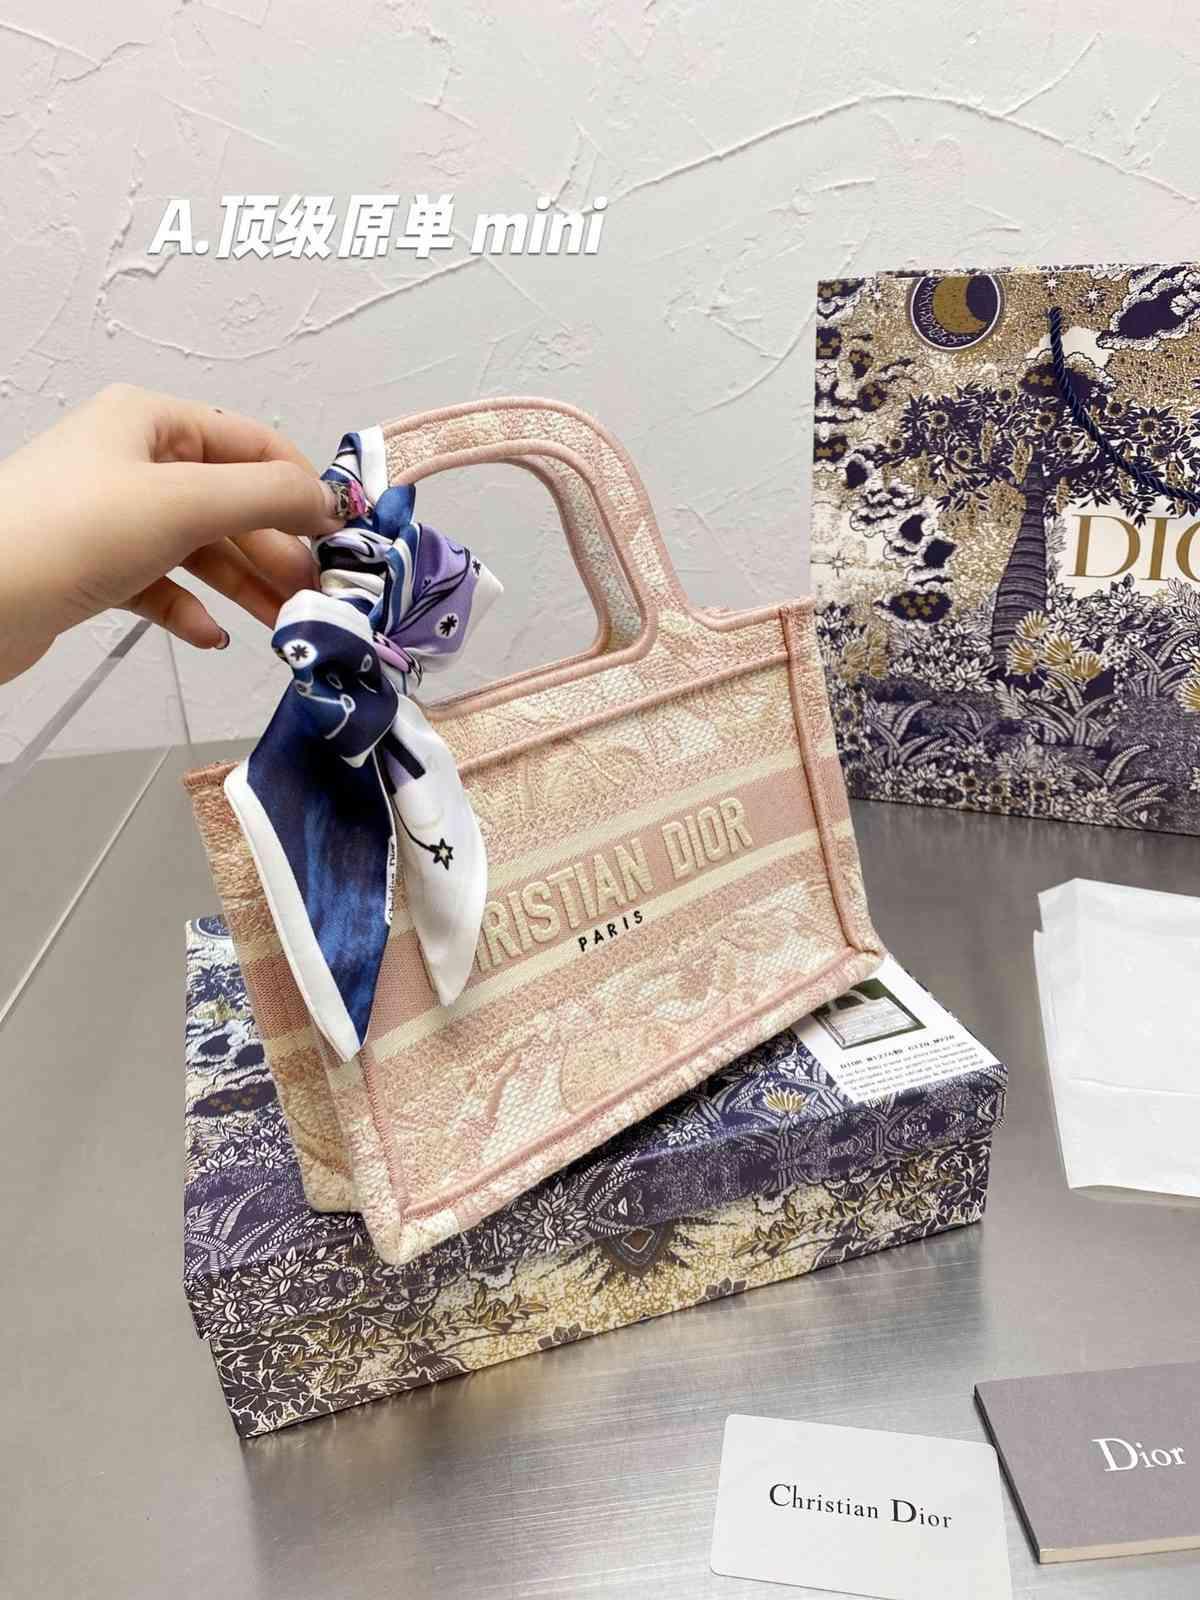 DR 2021 Designer di alta qualità di alta qualità Moda Borsa a tracolla da donna Classic Handbag di lusso in pelle Mini Puzzle Borsa messenger Borsa da tendenza Borsa da stoccaggio rpjt